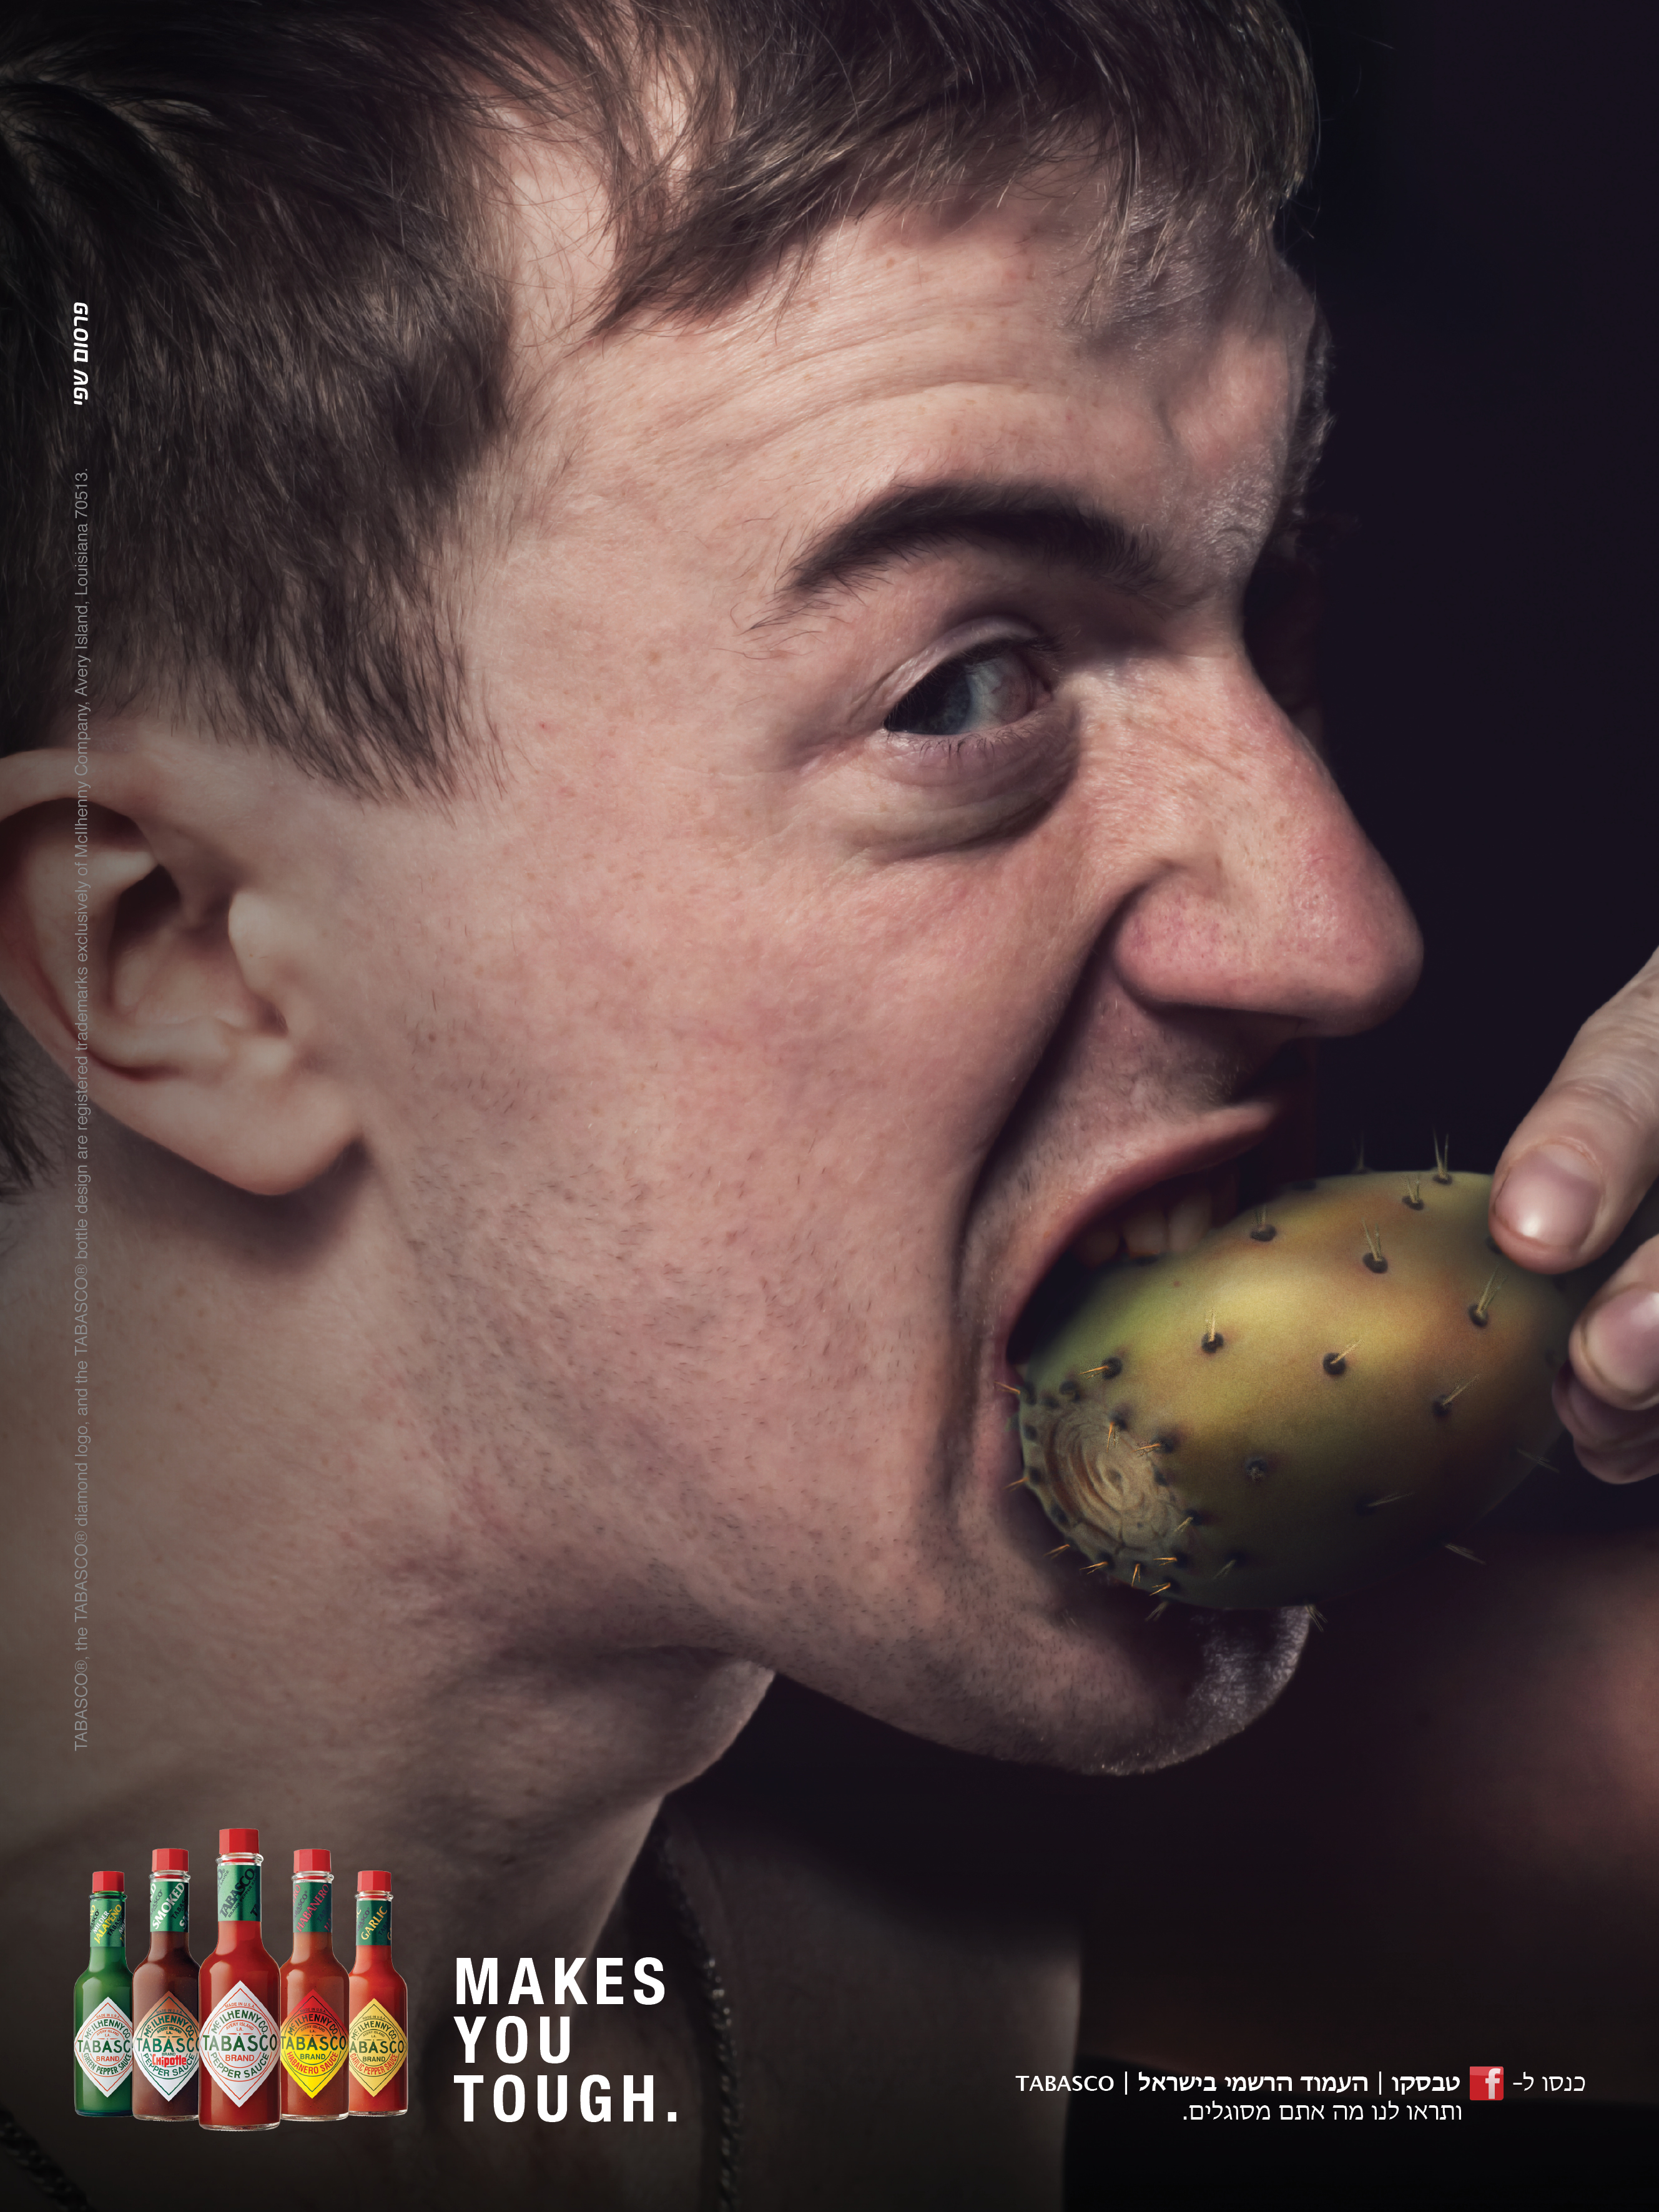 קמפיין מודעות: טבסקו מחשל אותך